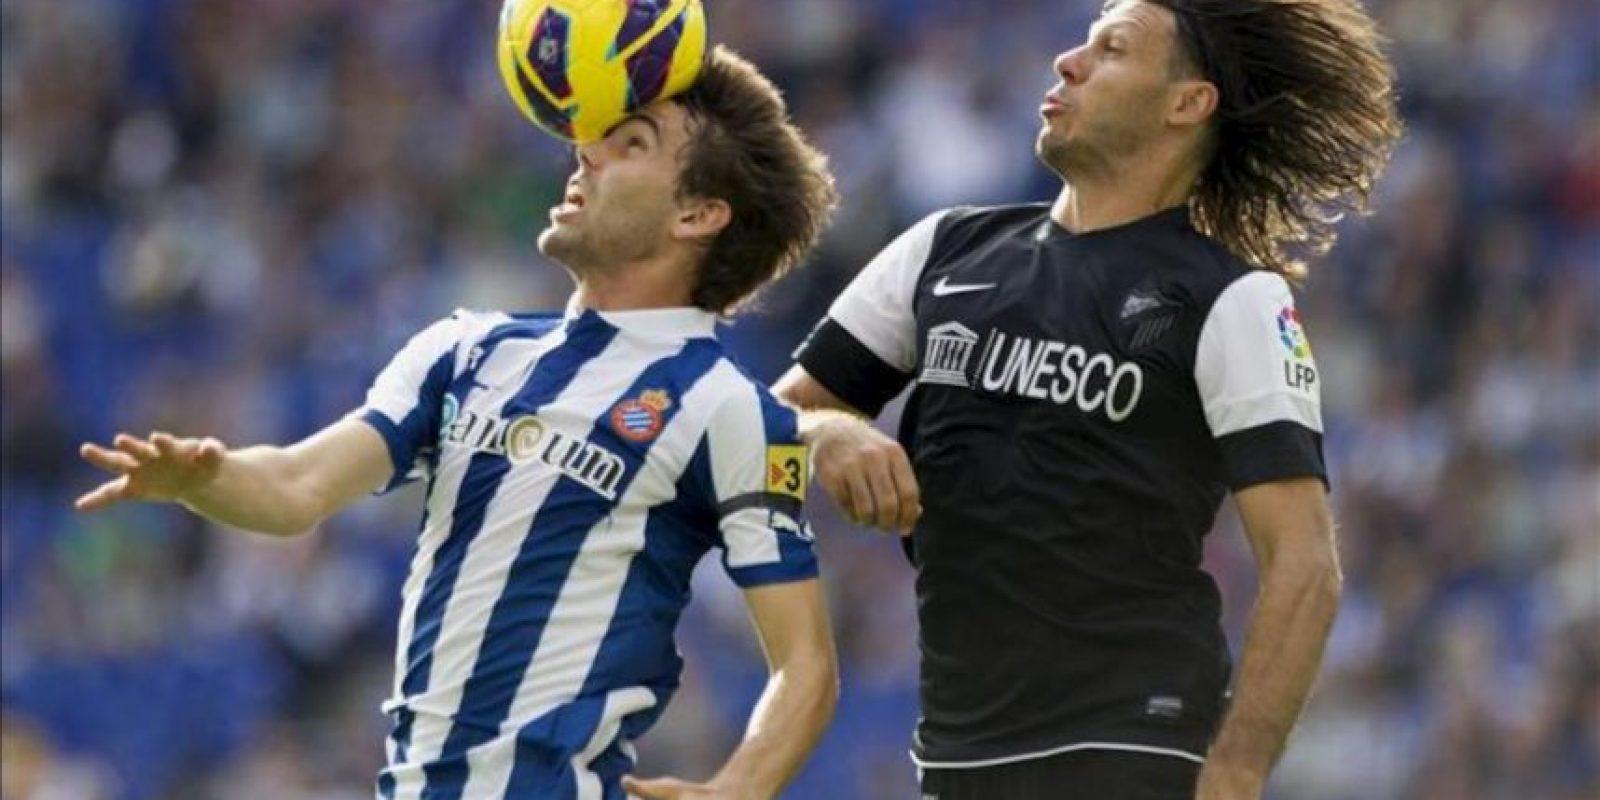 El defensa del Espanyol Víctor Álvarez (i) golpea la pelota presionado por el defensa argentino del Málaga Martín Demichelis, durante el partido correspondiente a la novena jornada de la Liga de Primera División disputado en el estadio Cornellà-El Prat. EFE